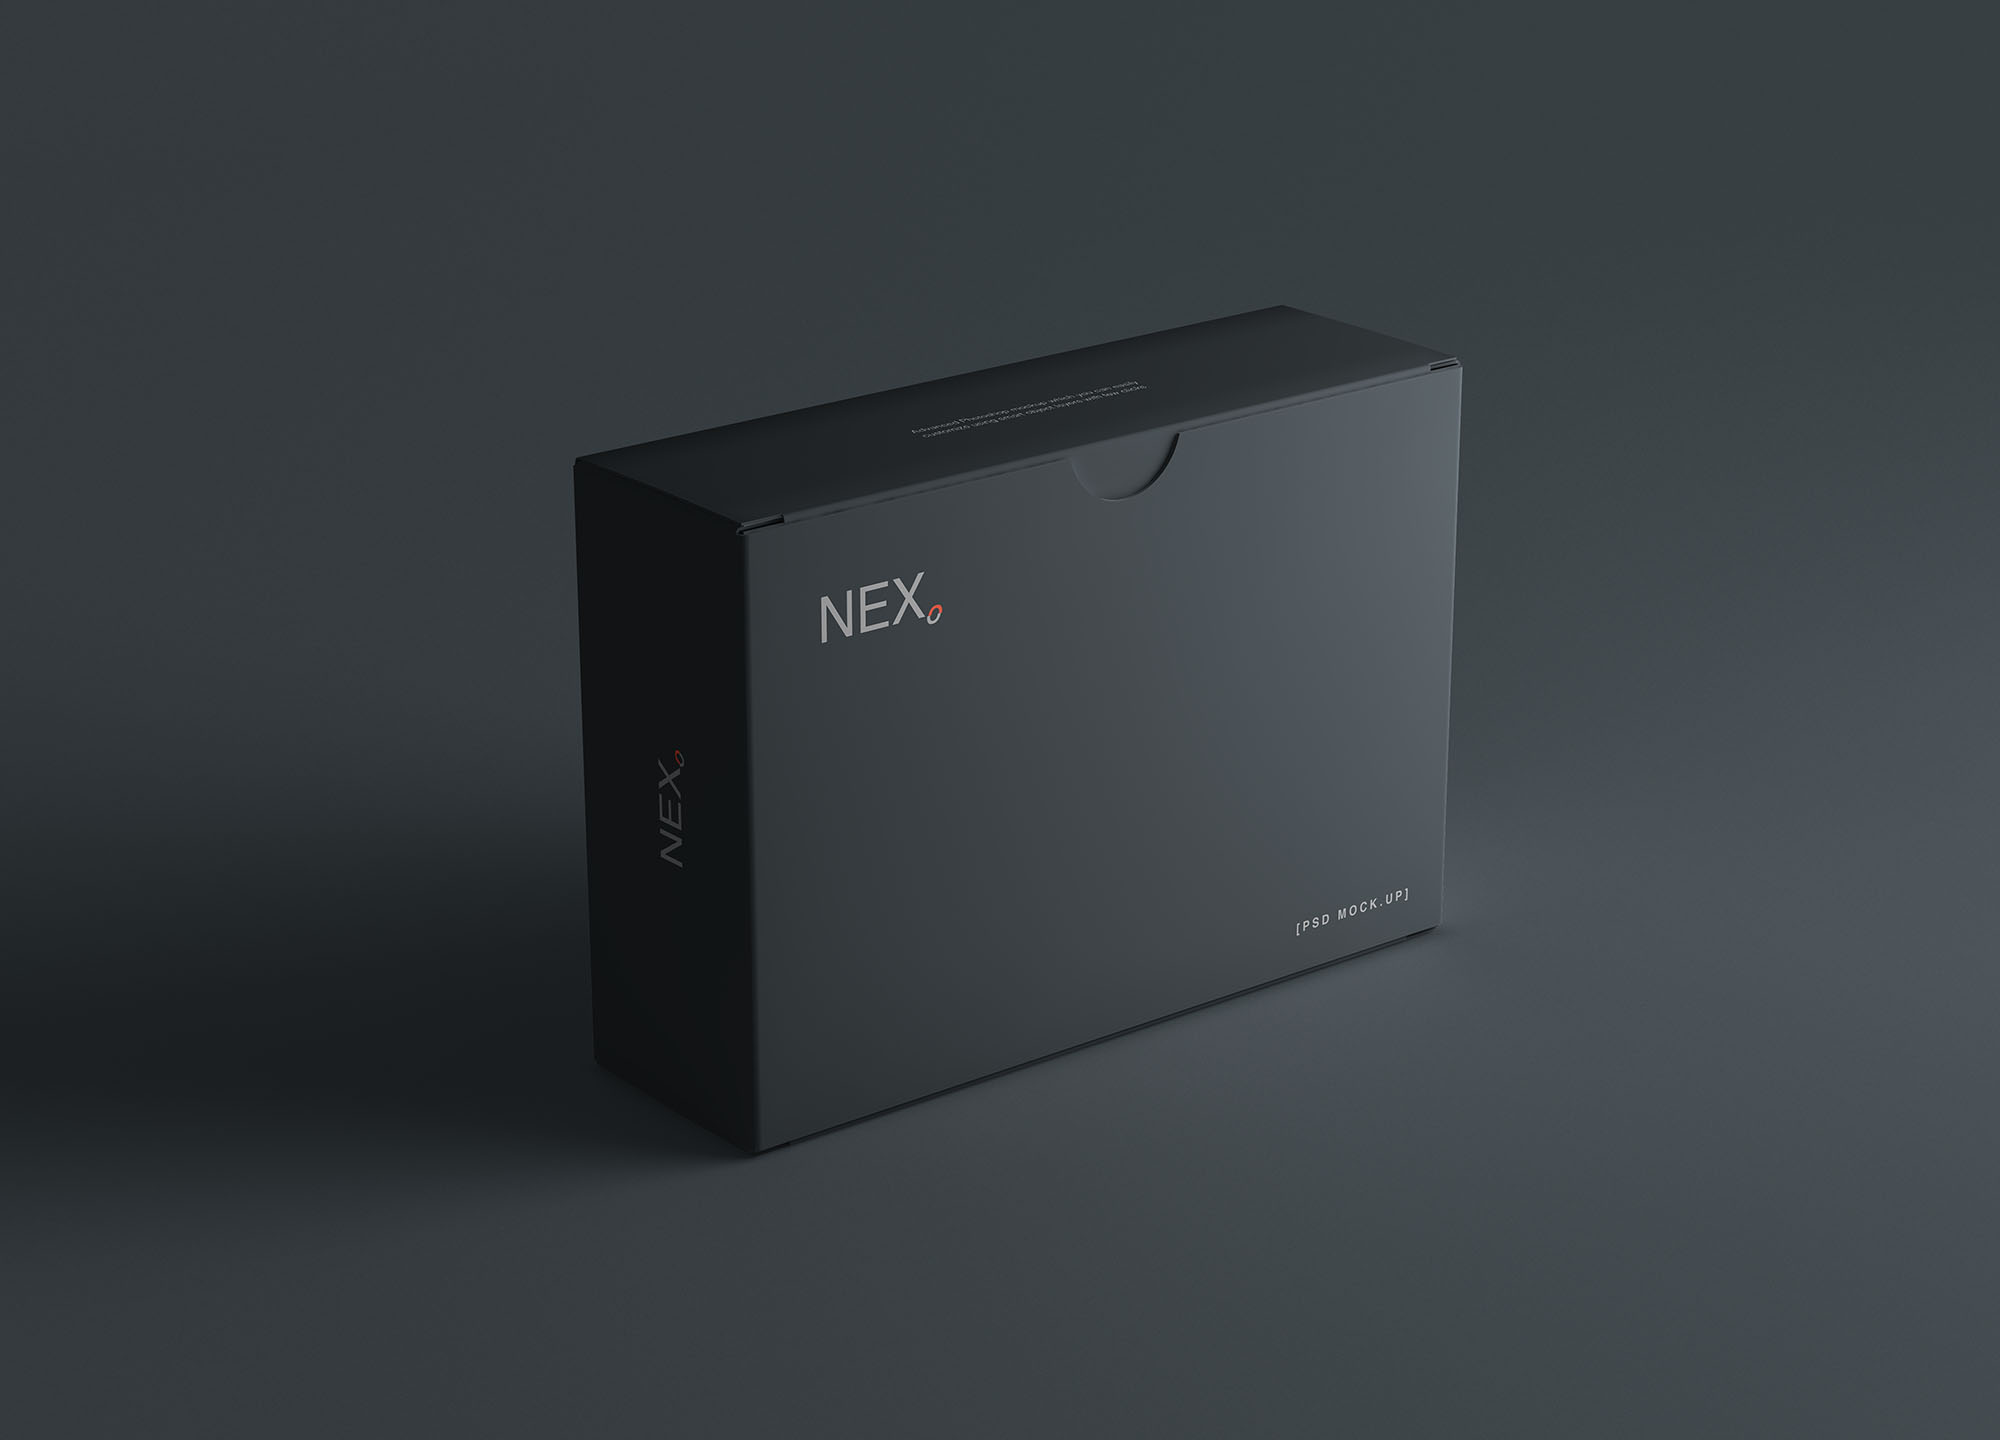 时尚高端专业的高品质商业商务房地产名片设计VI样机展示模型mockups Card Box Mockup